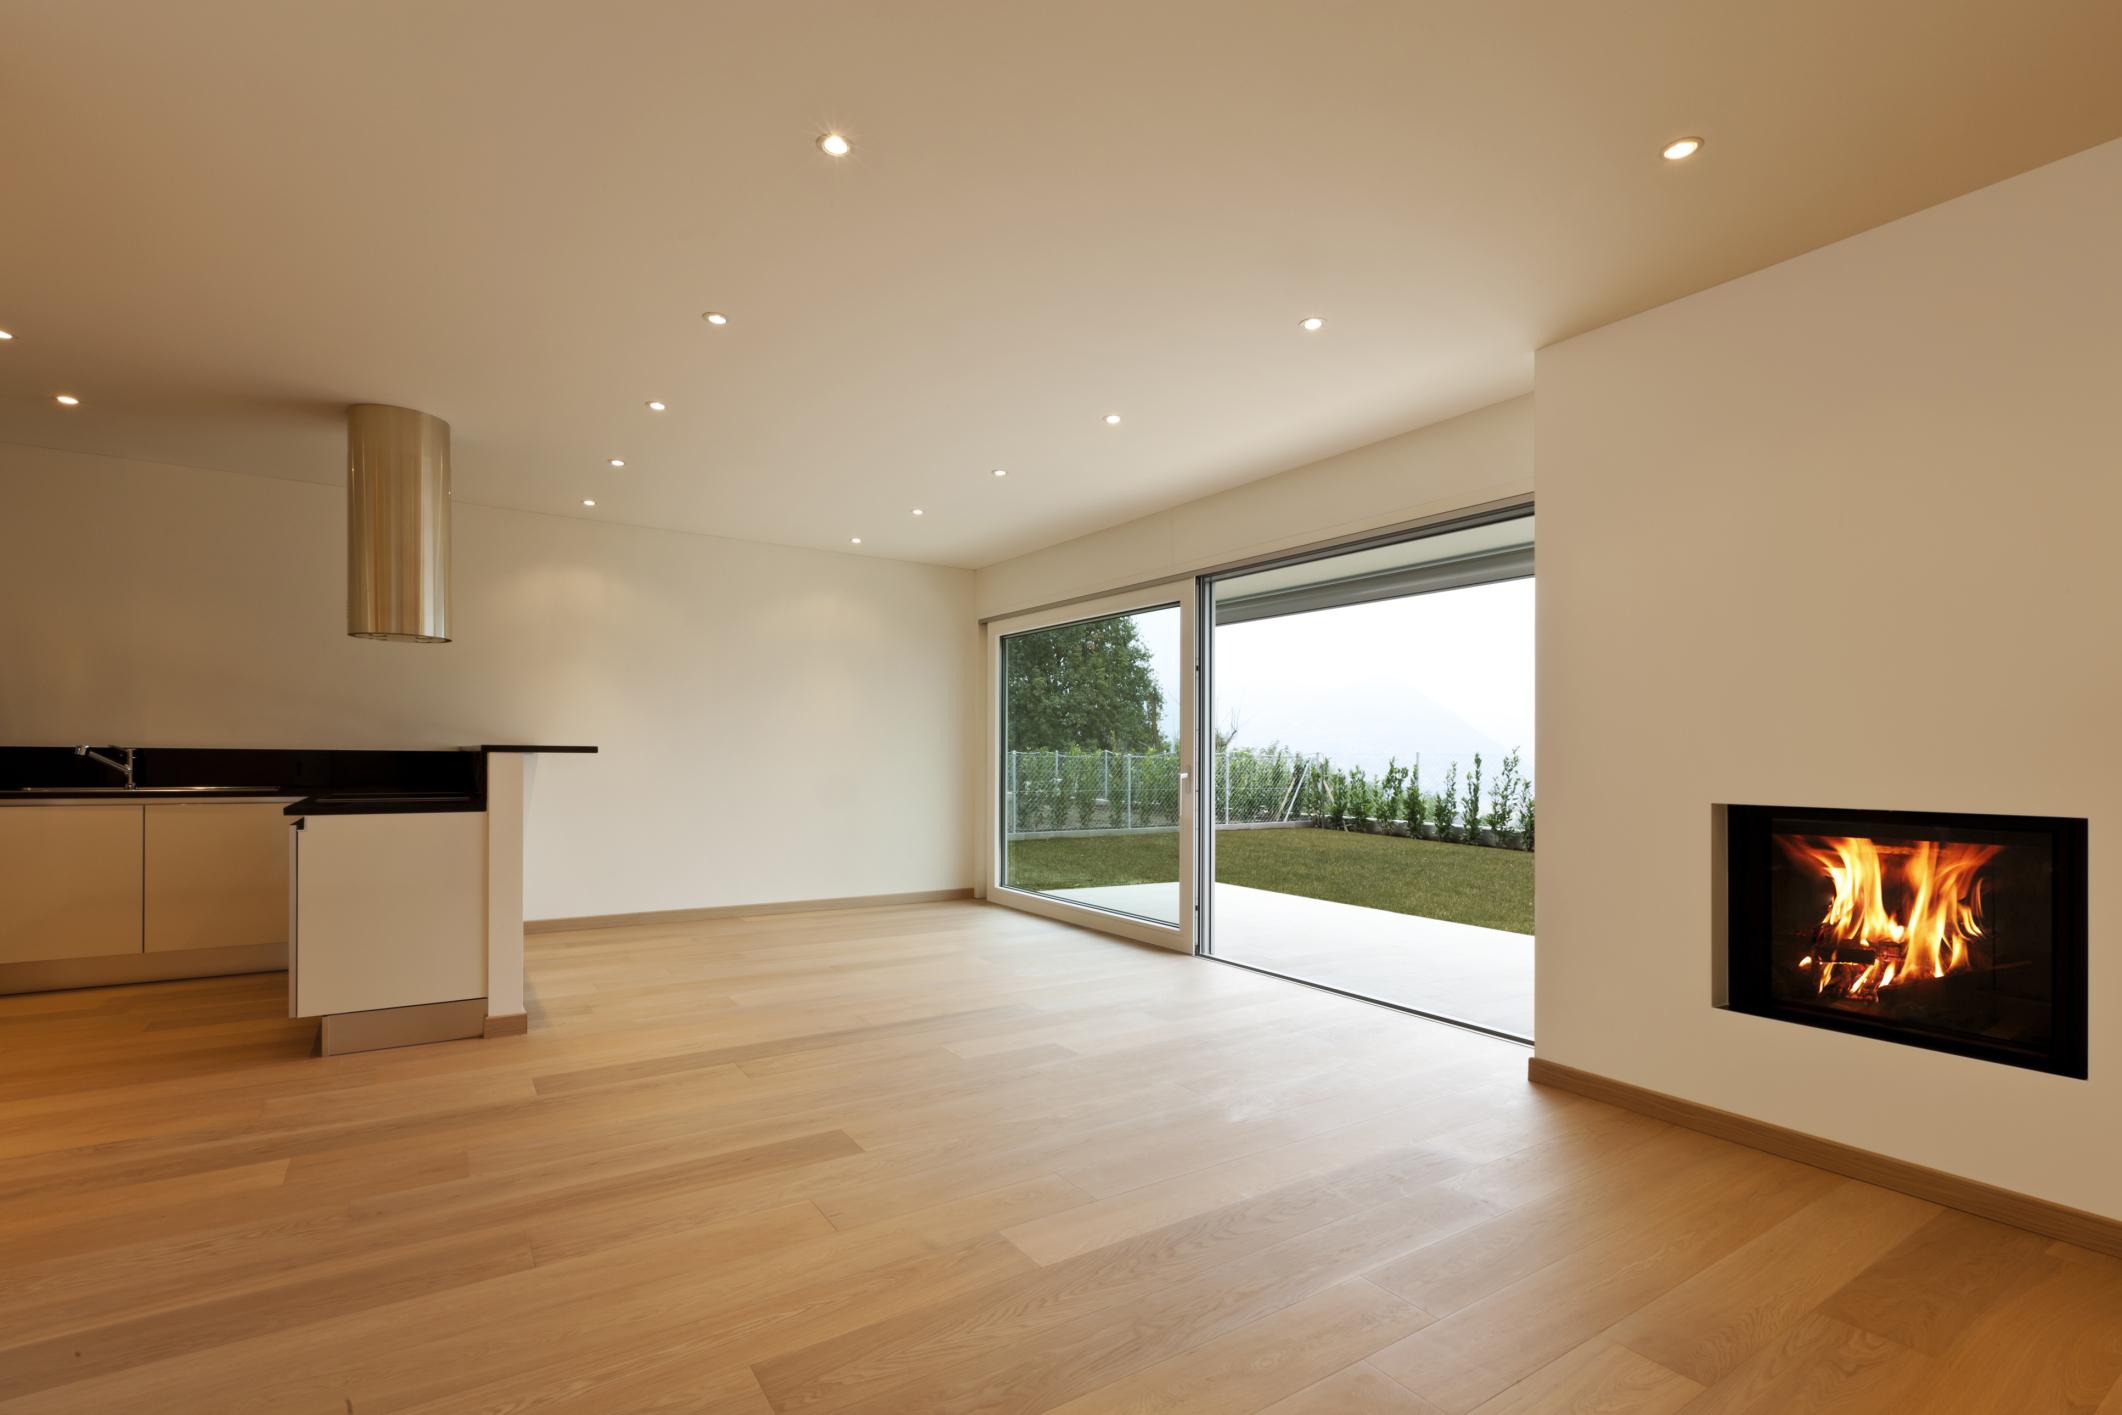 Stunning Soggiorno Camino Pictures - Idee Arredamento Casa - hirepro.us